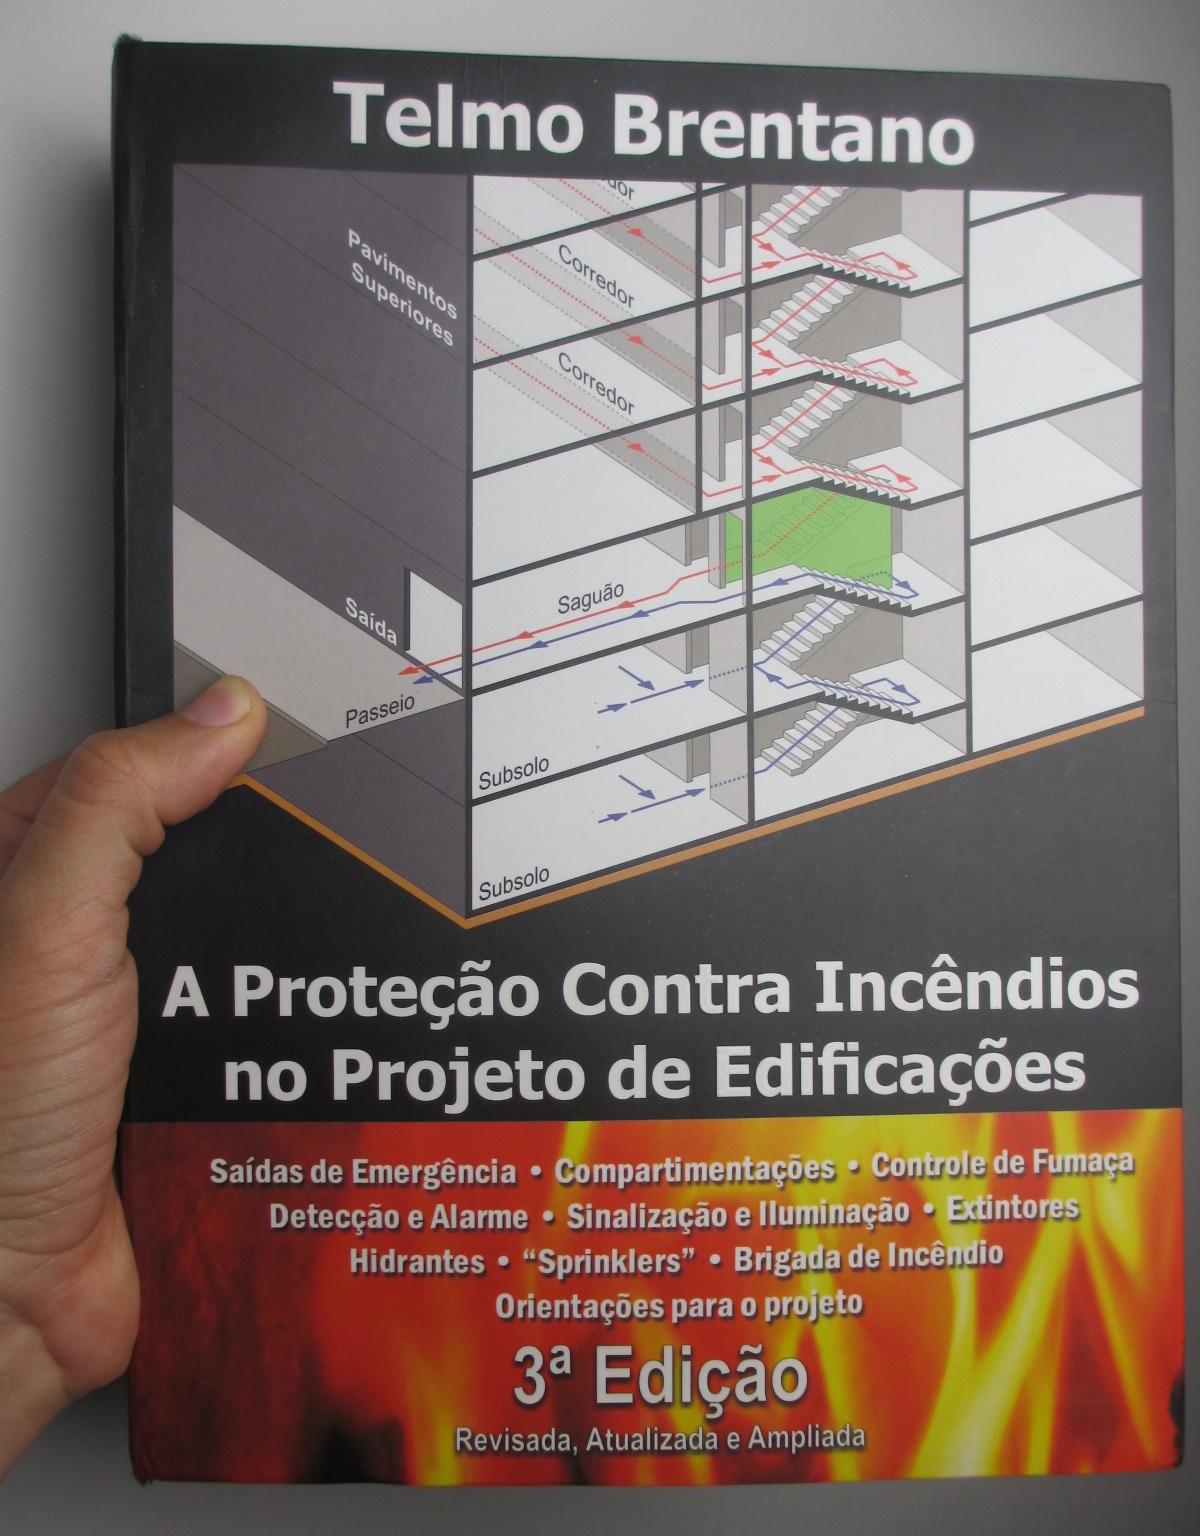 A Proteção contra Incêndios